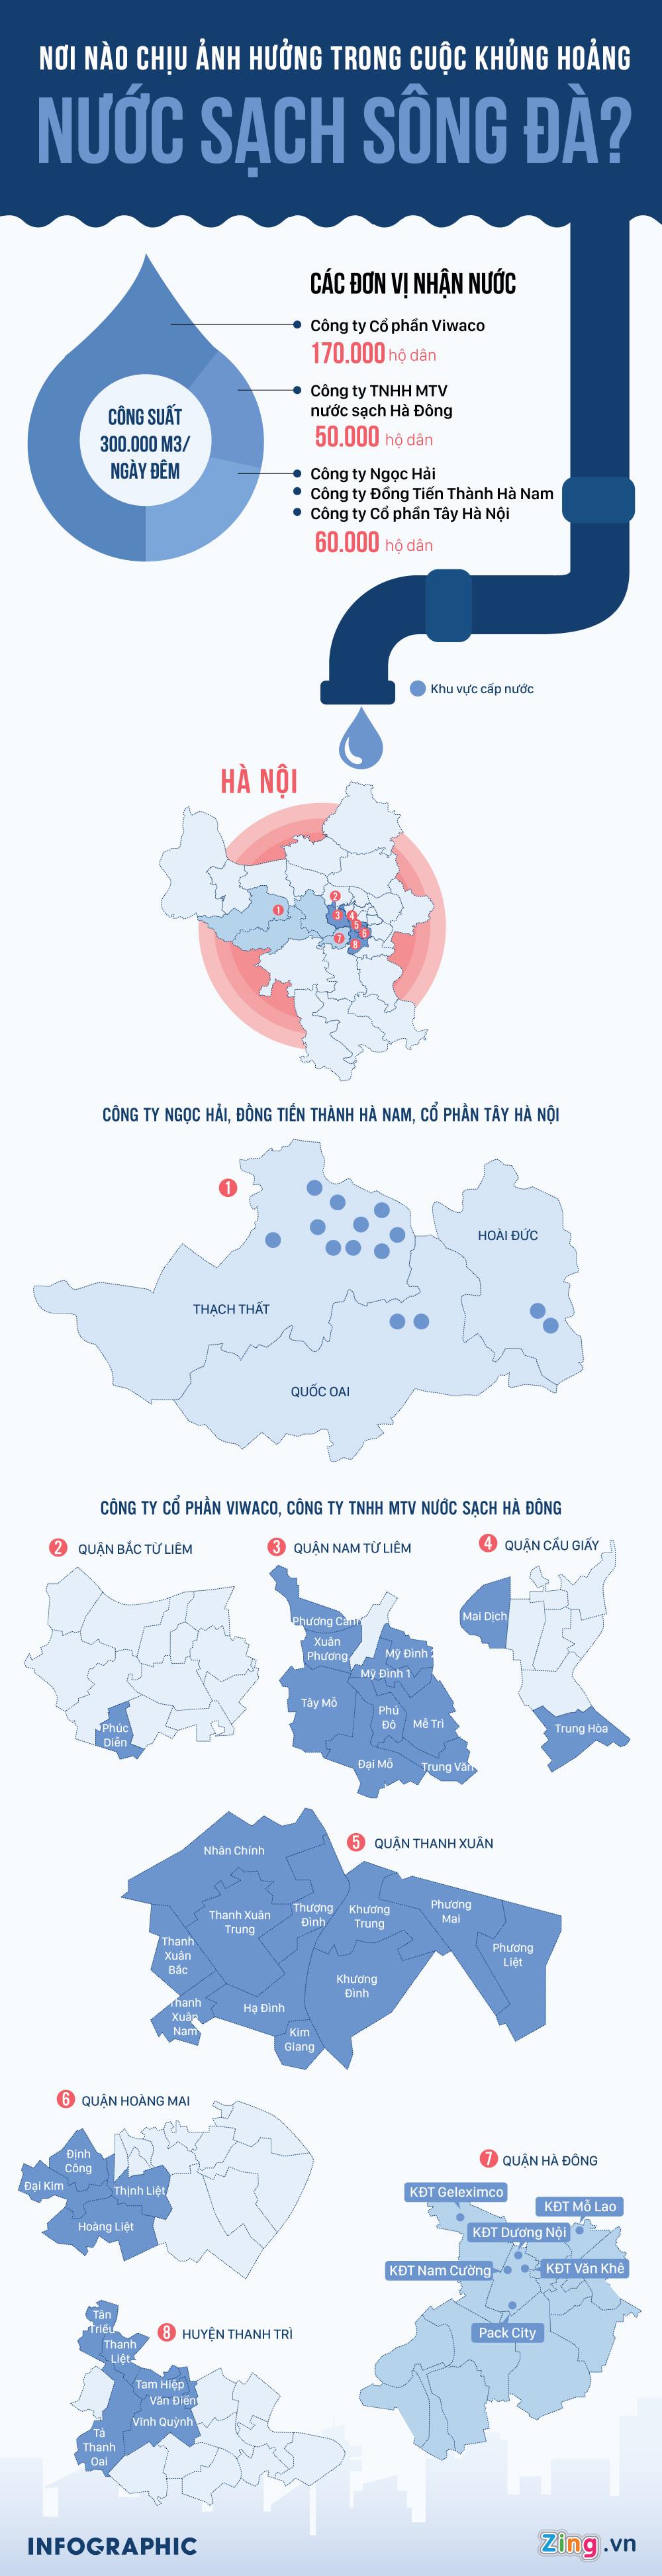 [Infographics] Nơi nào chịu ảnh hưởng trong cuộc khủng hoảng nước sạch sông Đà? - Ảnh 1